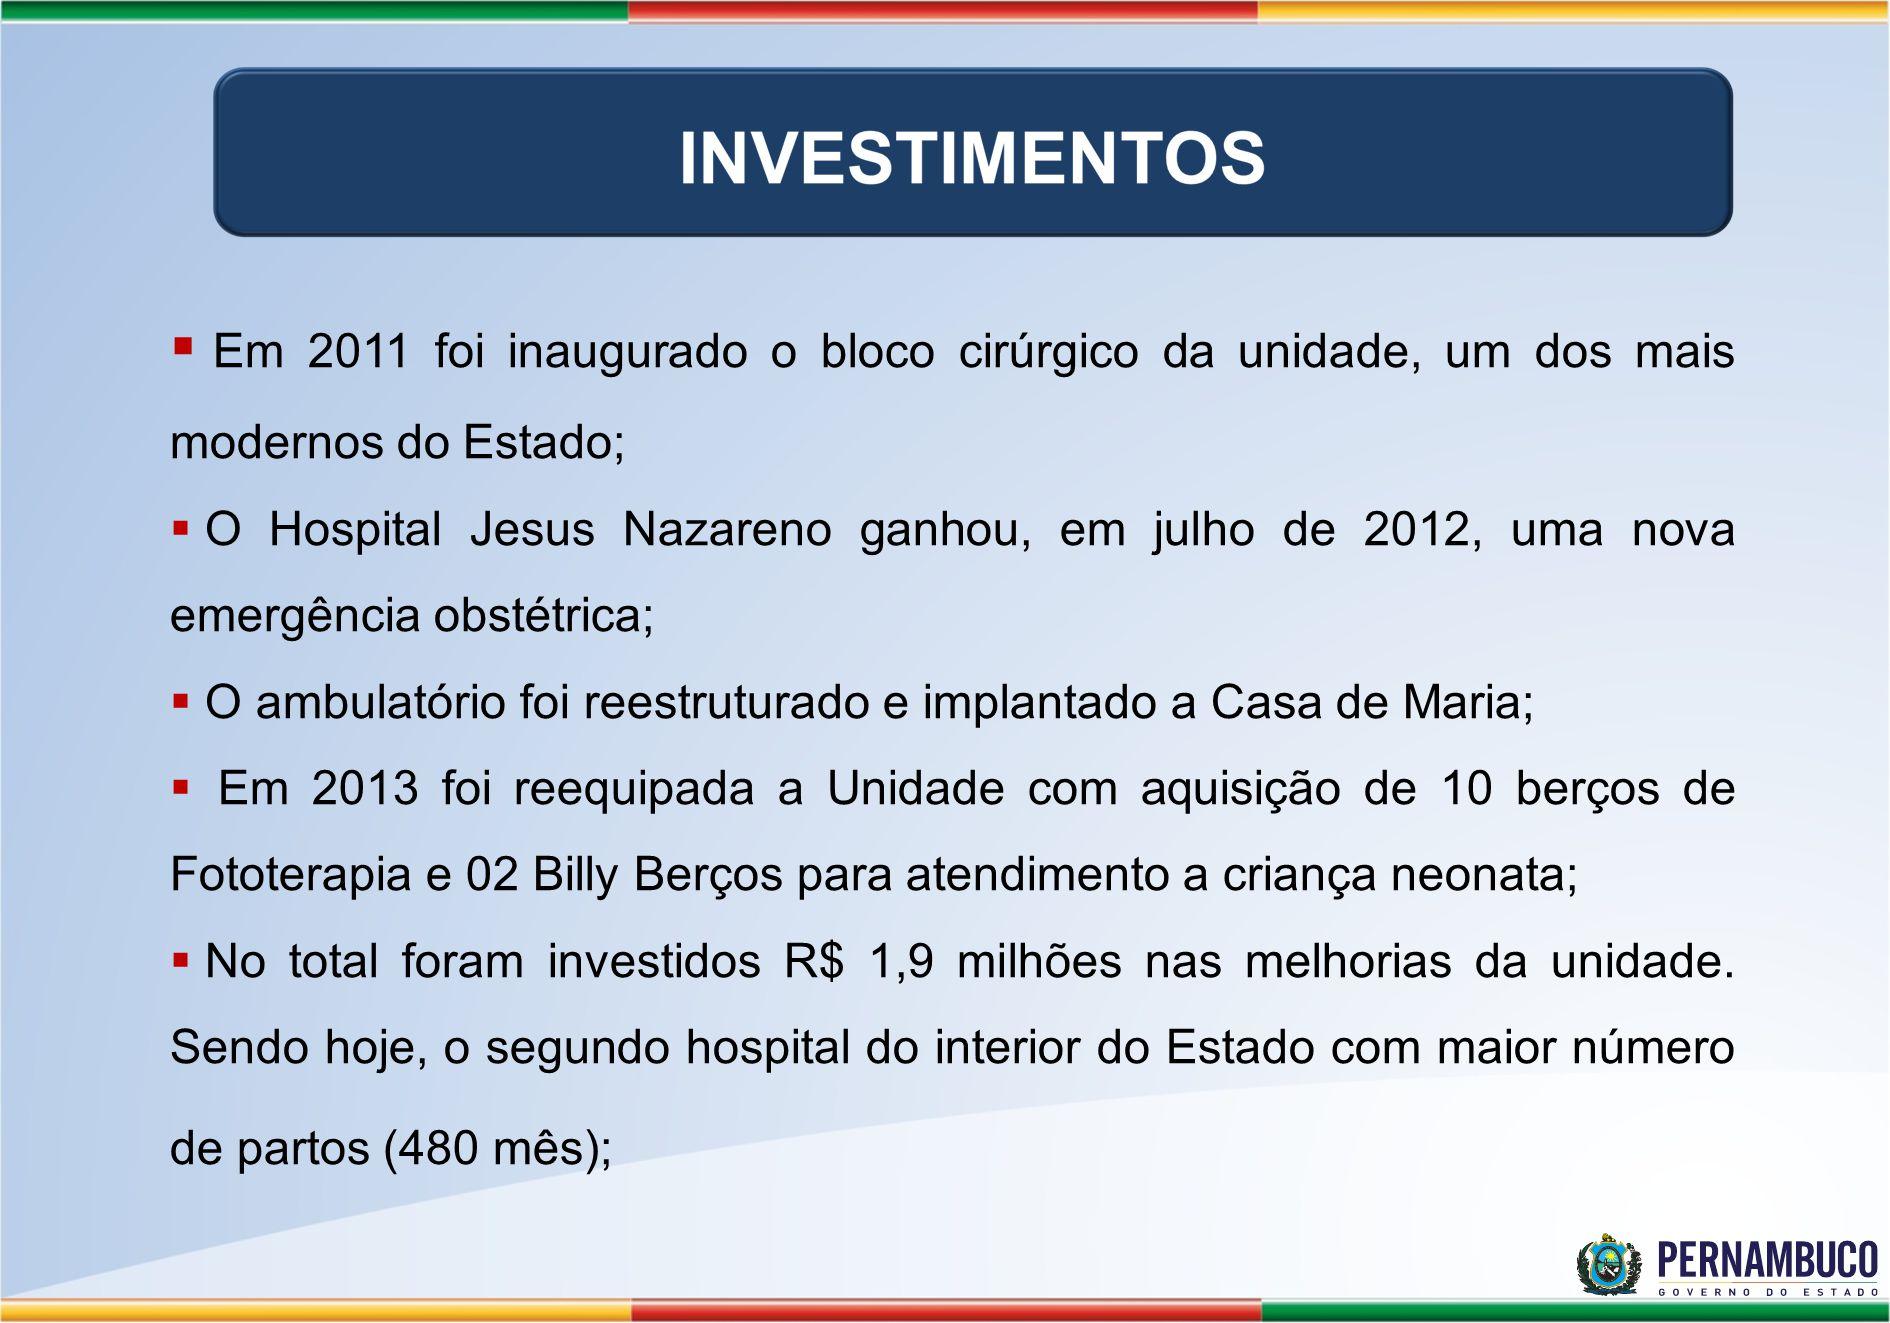 Em 2011 foi inaugurado o bloco cirúrgico da unidade, um dos mais modernos do Estado; O Hospital Jesus Nazareno ganhou, em julho de 2012, uma nova emergência obstétrica; O ambulatório foi reestruturado e implantado a Casa de Maria; Em 2013 foi reequipada a Unidade com aquisição de 10 berços de Fototerapia e 02 Billy Berços para atendimento a criança neonata; No total foram investidos R$ 1,9 milhões nas melhorias da unidade.